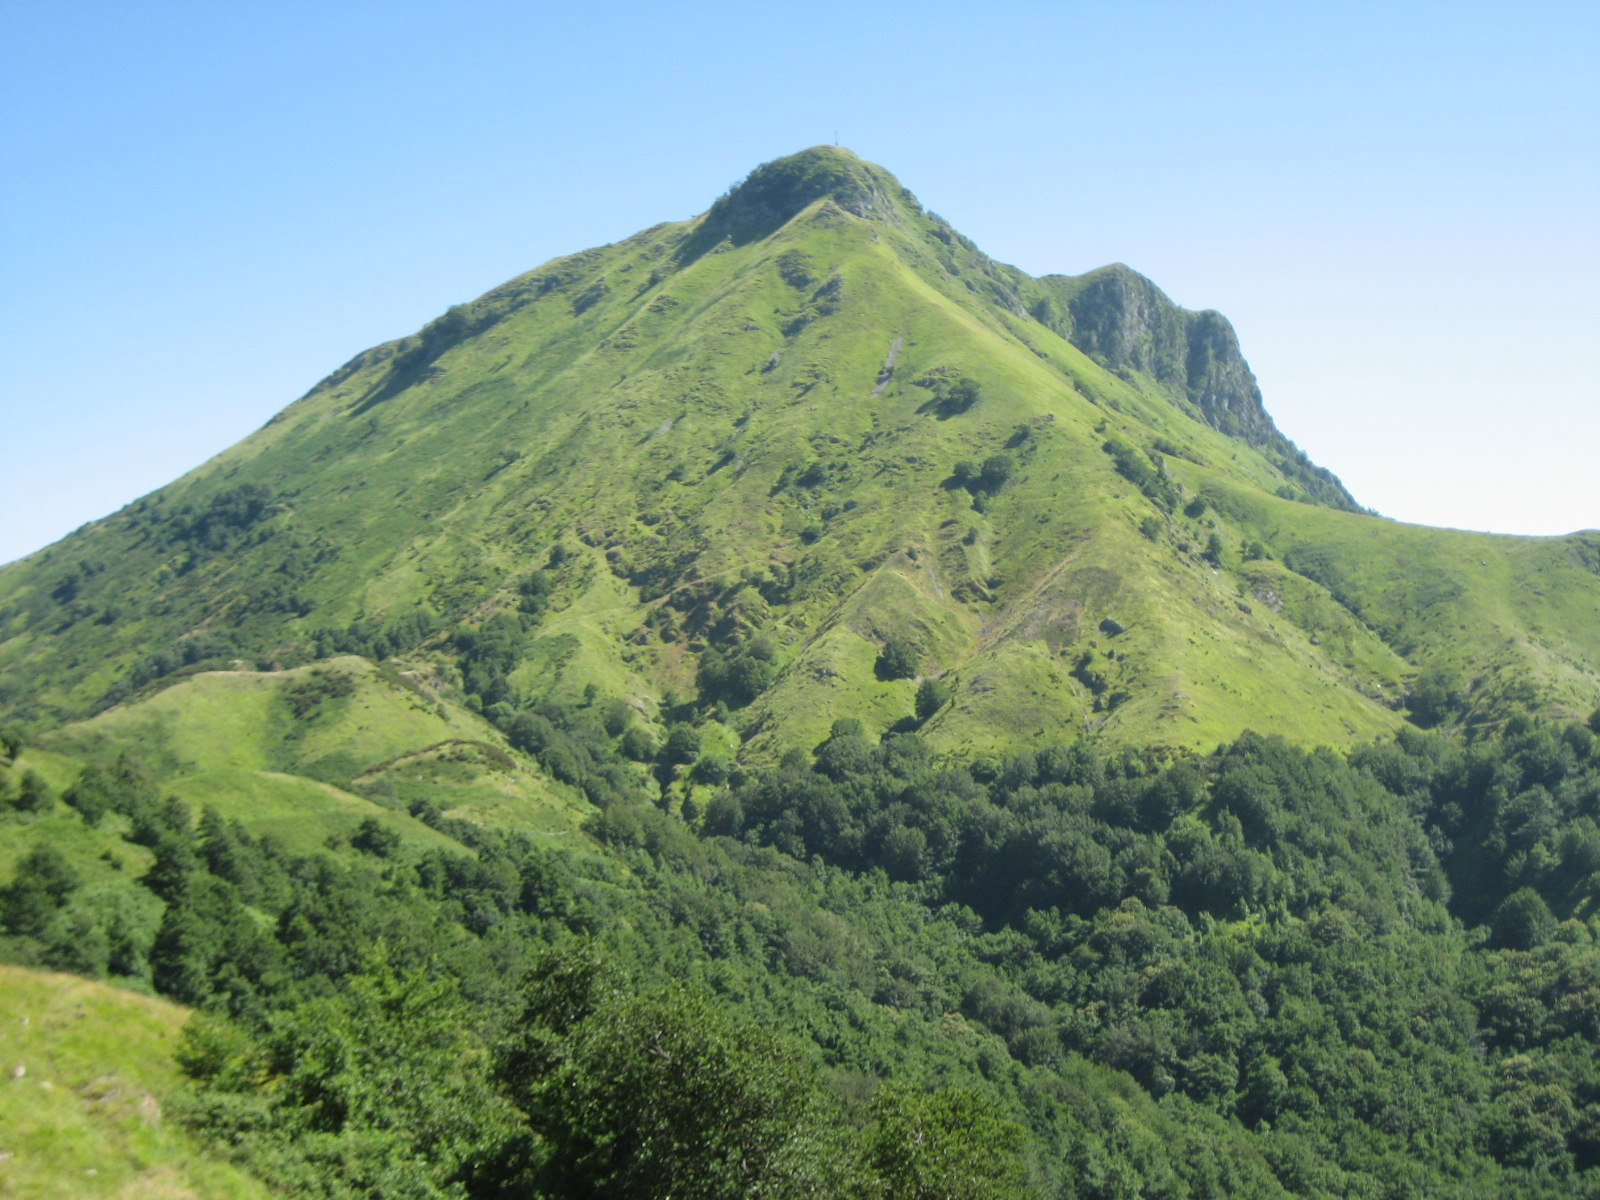 Escursione al monte Prana dal paese di Torcigliano